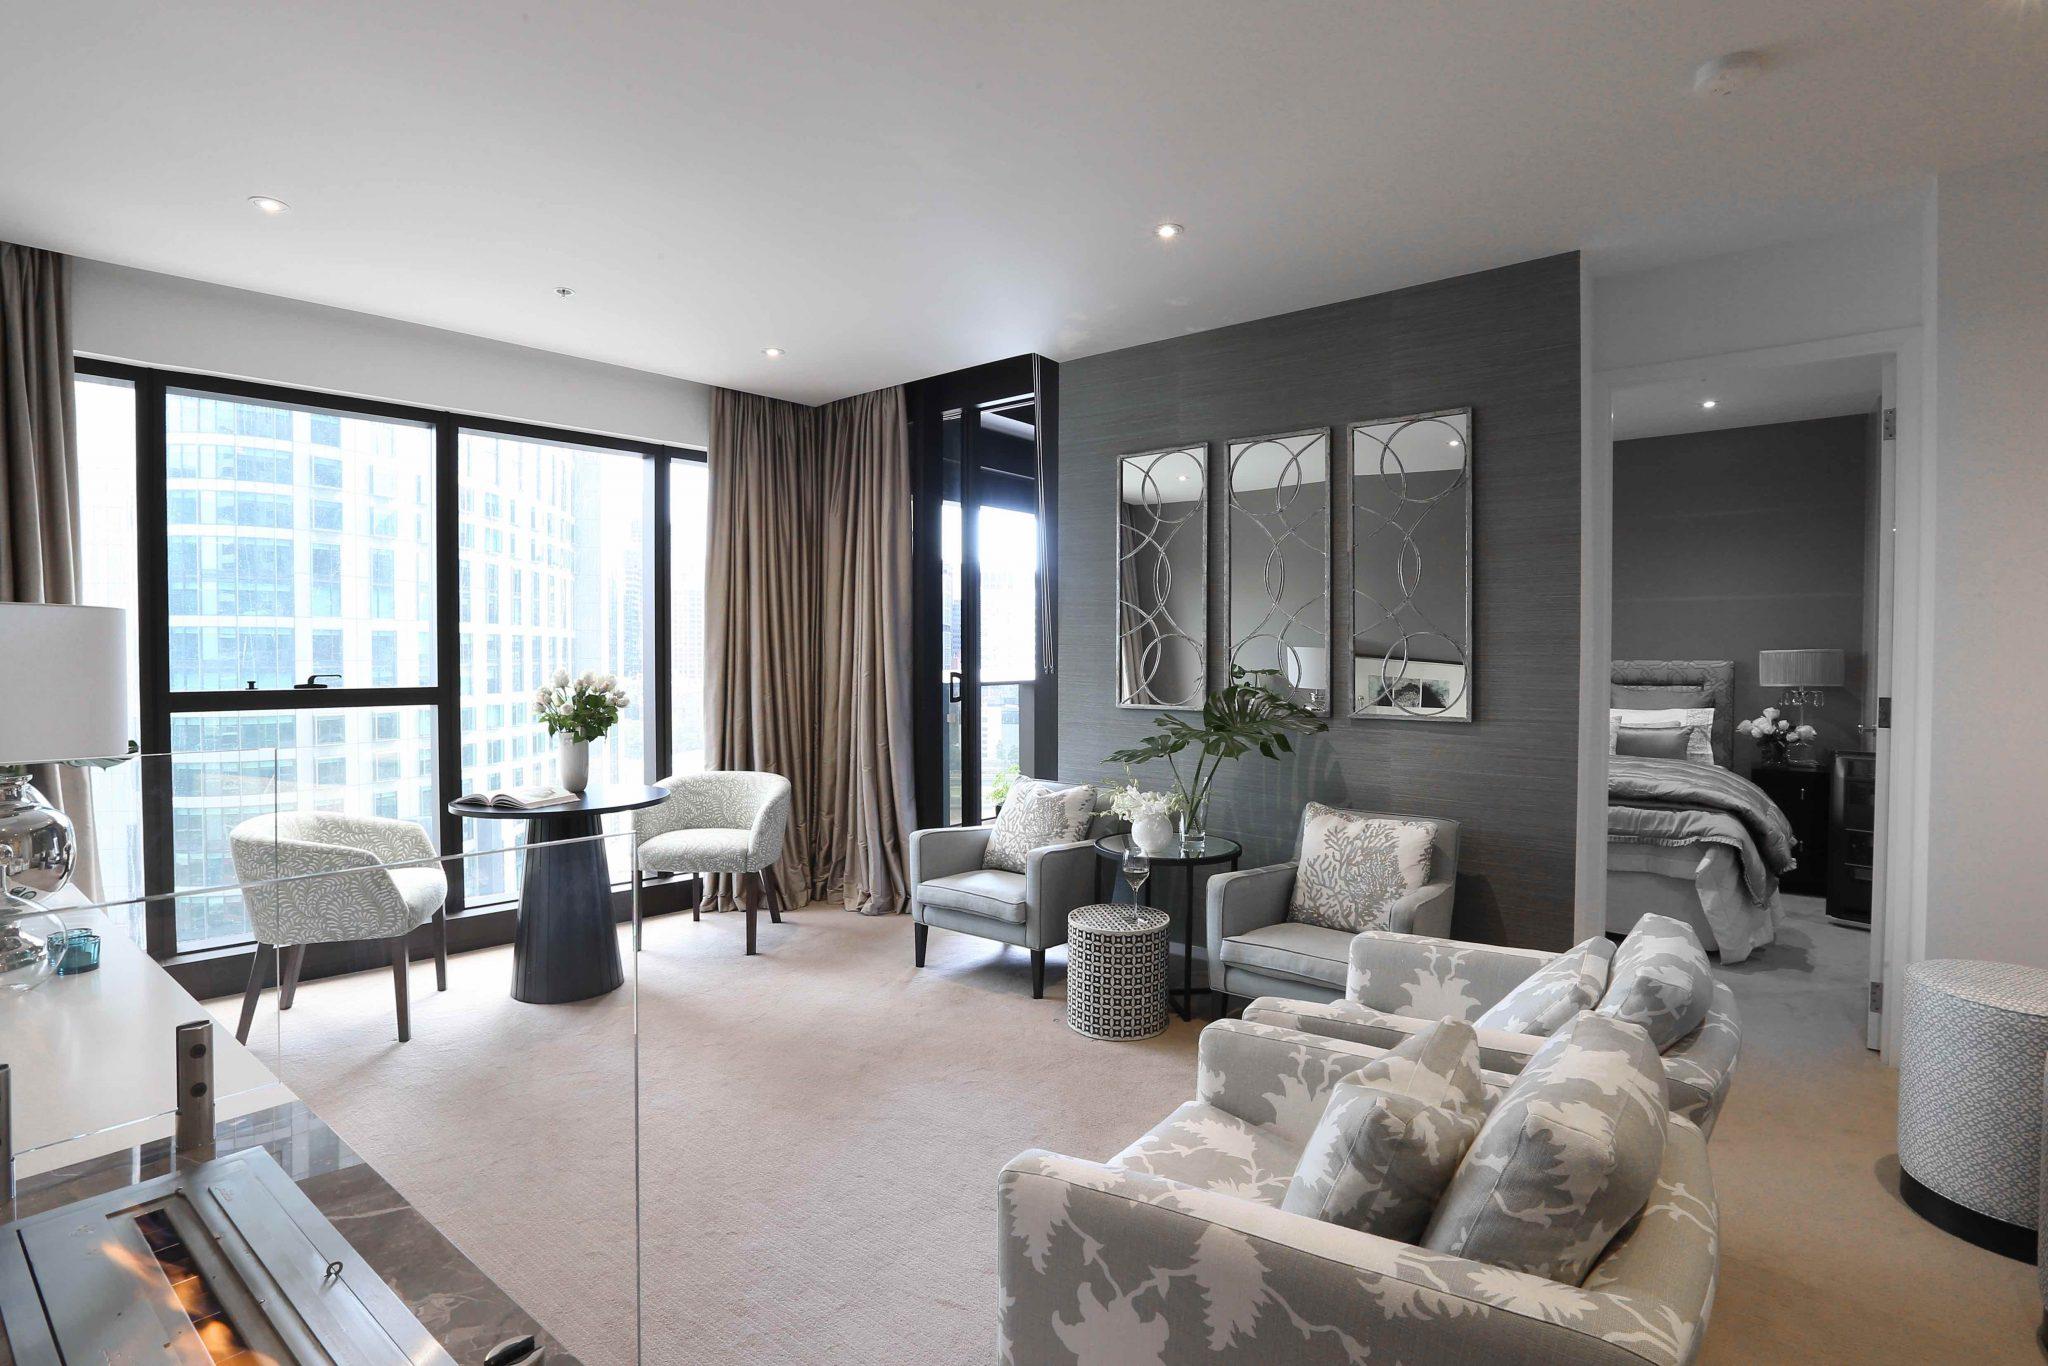 Sophisticated apartment in melbourne 39 s prima pearl the interiors addict - Apartments interior ...